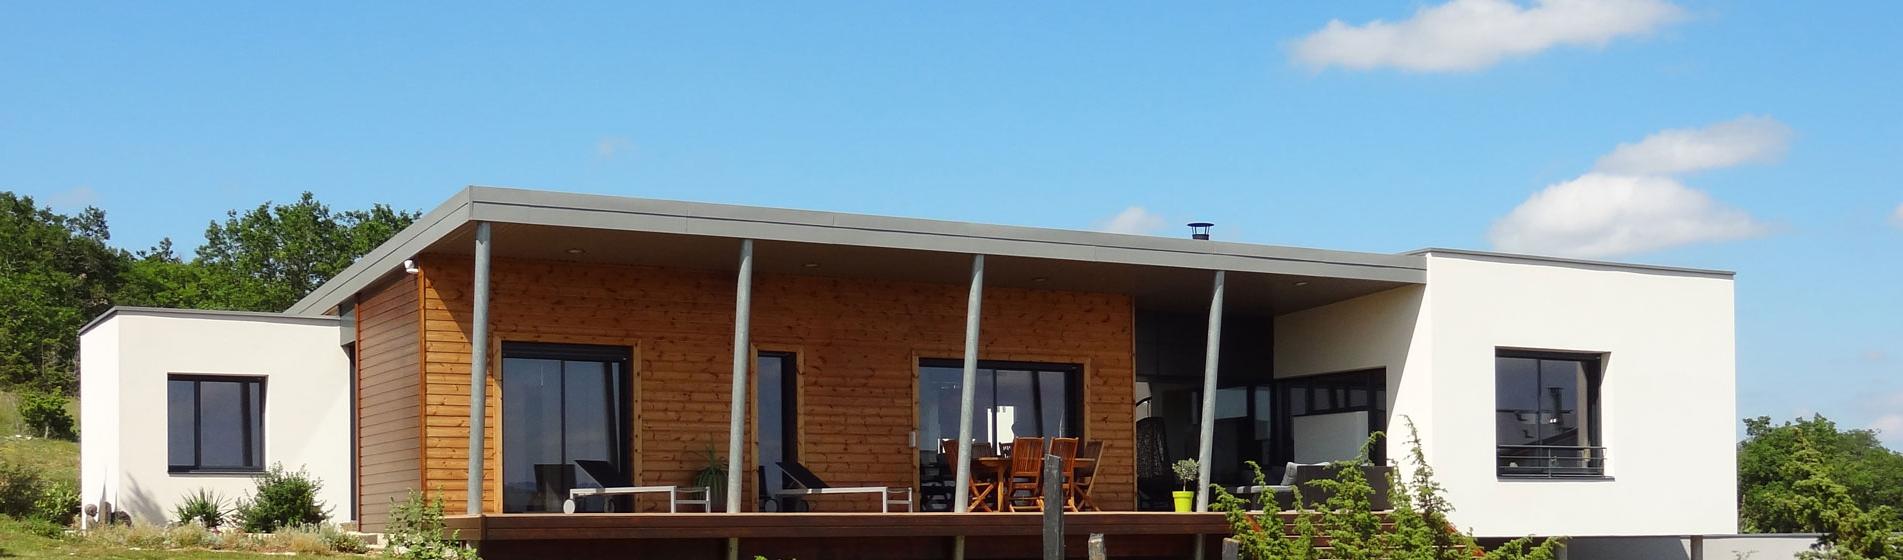 renovation fenêtre aluminium 13 Bouches-du-Rhône